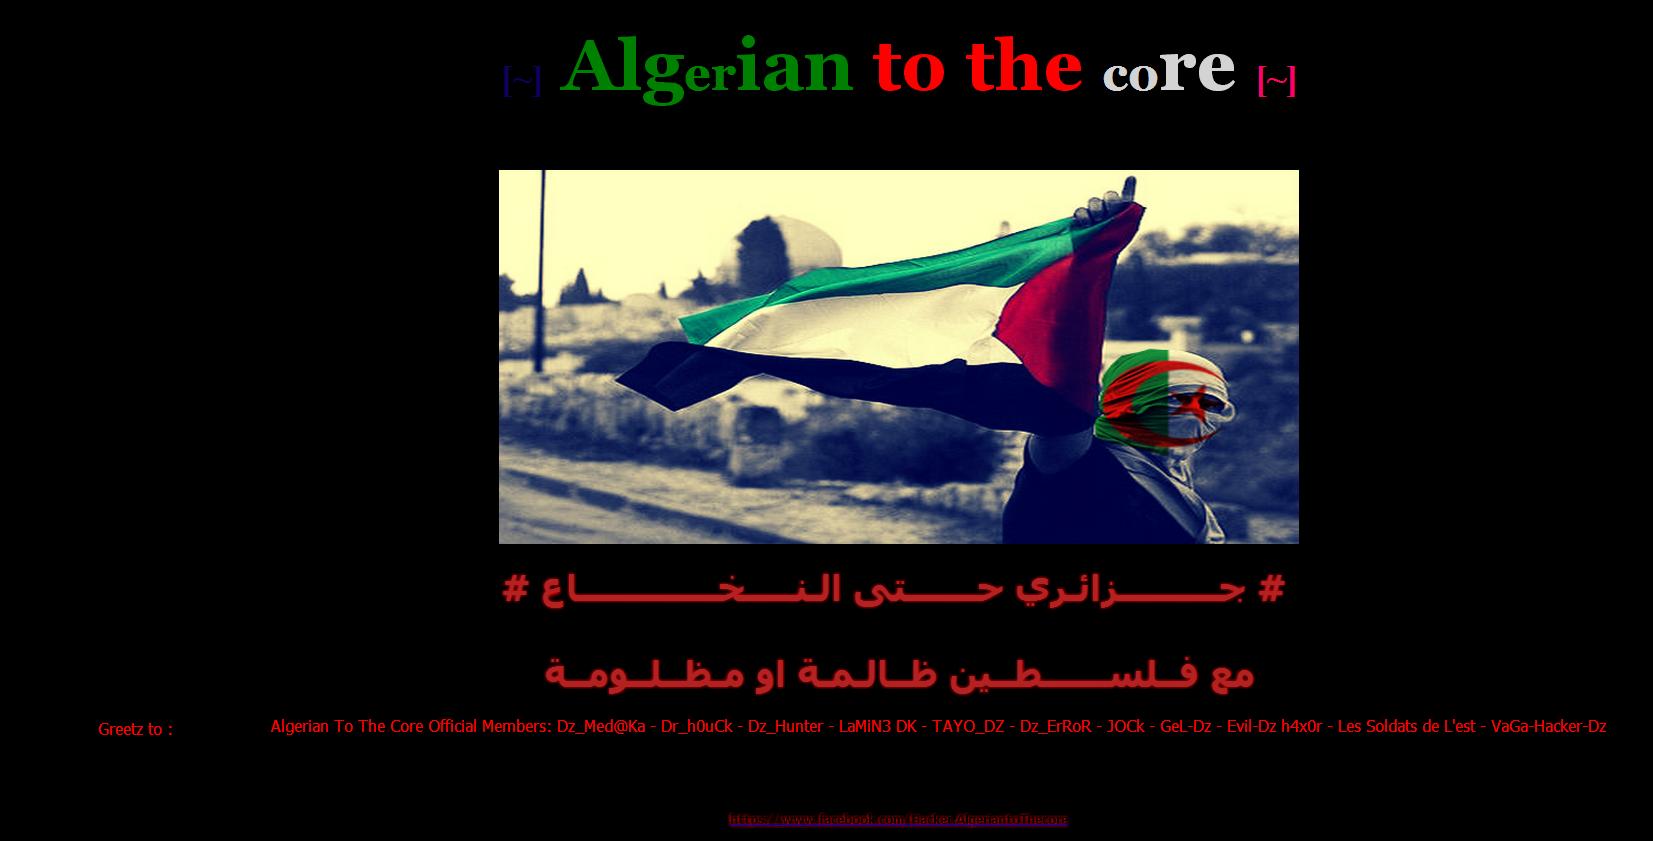 eset_nod32_algerian_hack